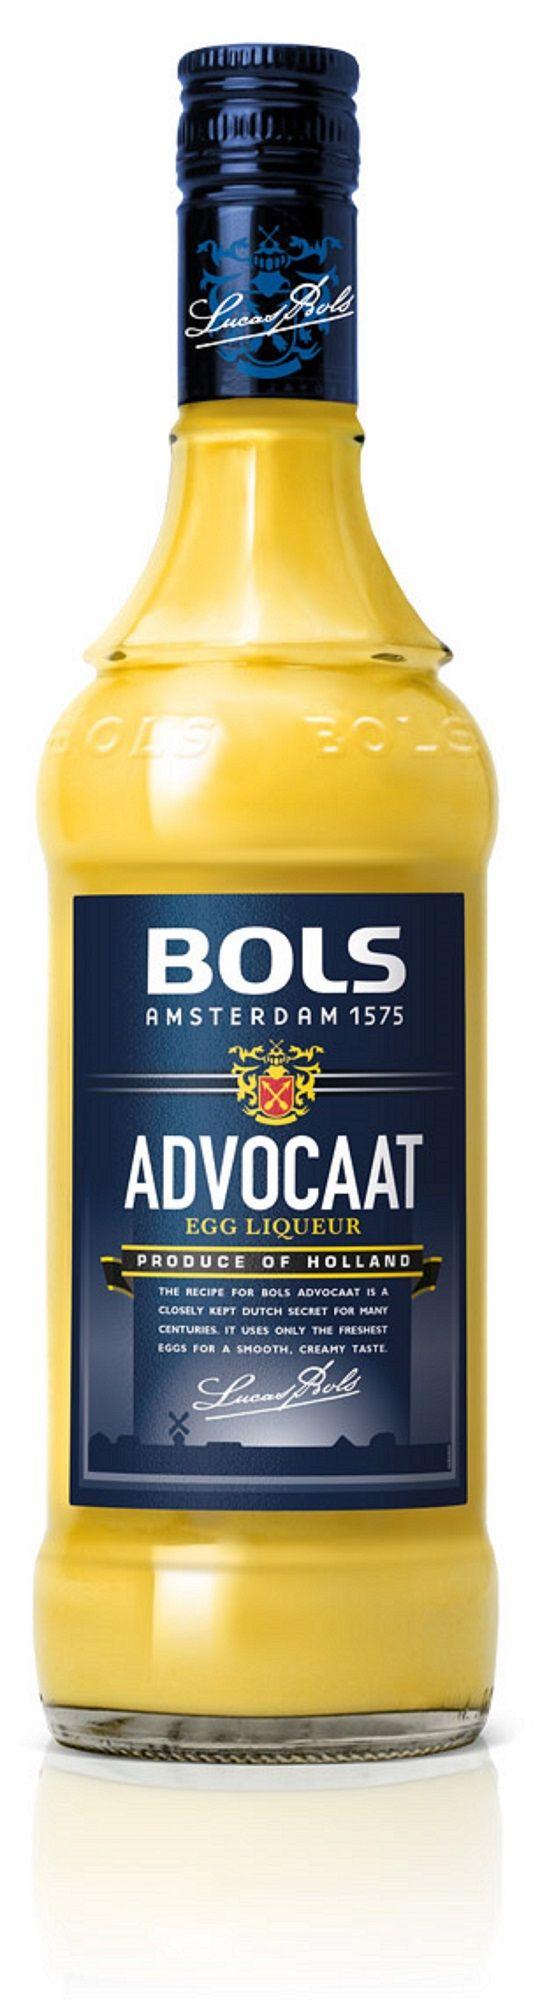 bols-advocaat-dik-fles-70cl